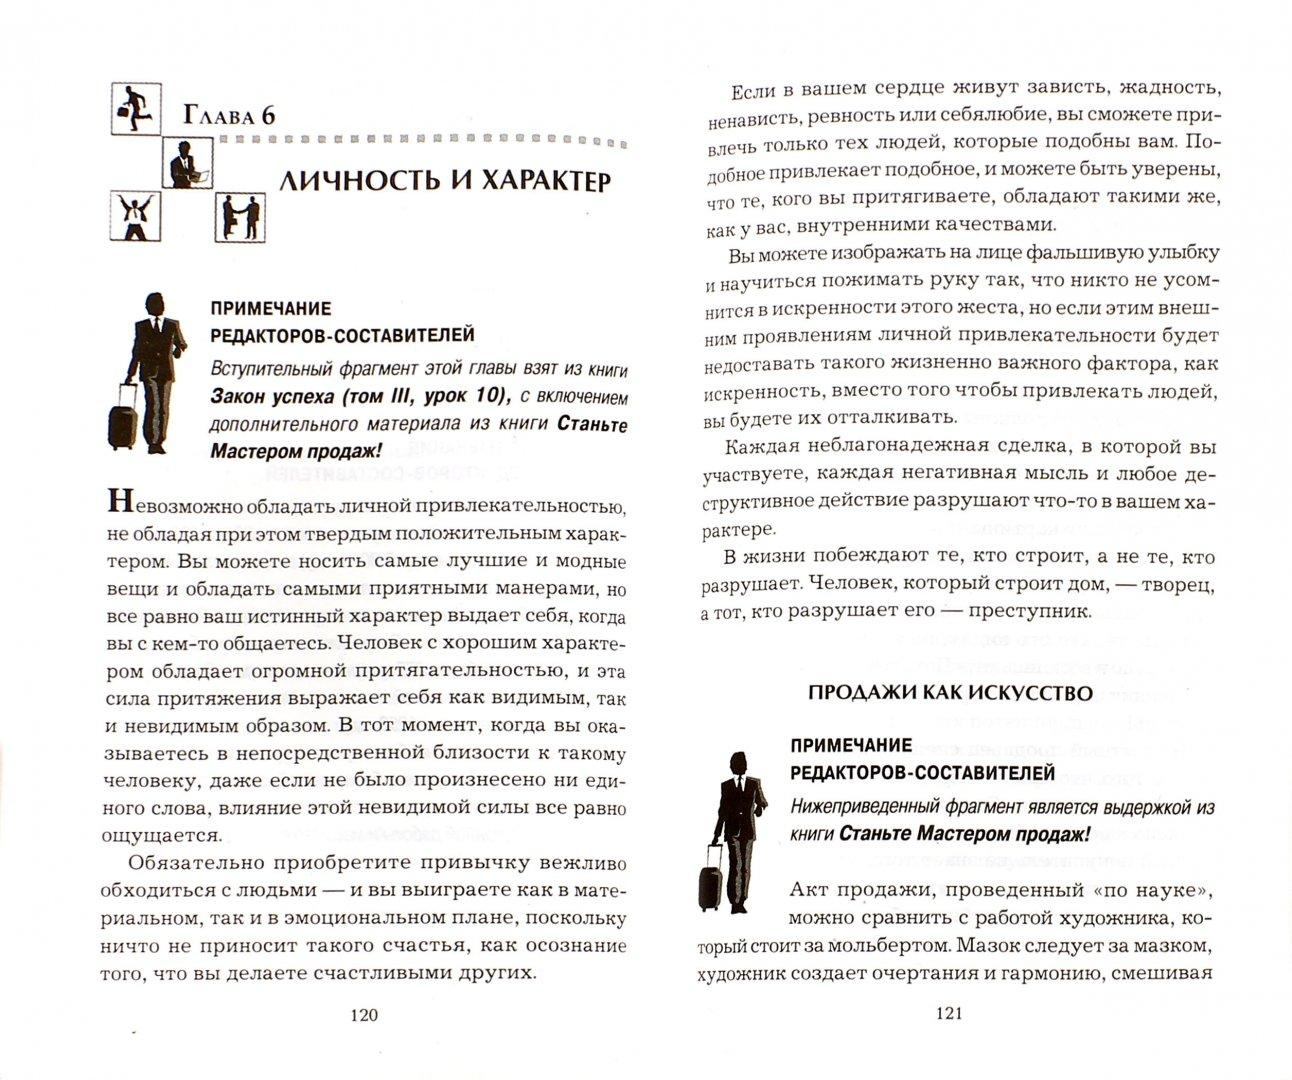 Иллюстрация 1 из 4 для Вы - продавец! Практическое руководство: Как обрести процветание, став лучшим из лучших - Наполеон Хилл | Лабиринт - книги. Источник: Лабиринт